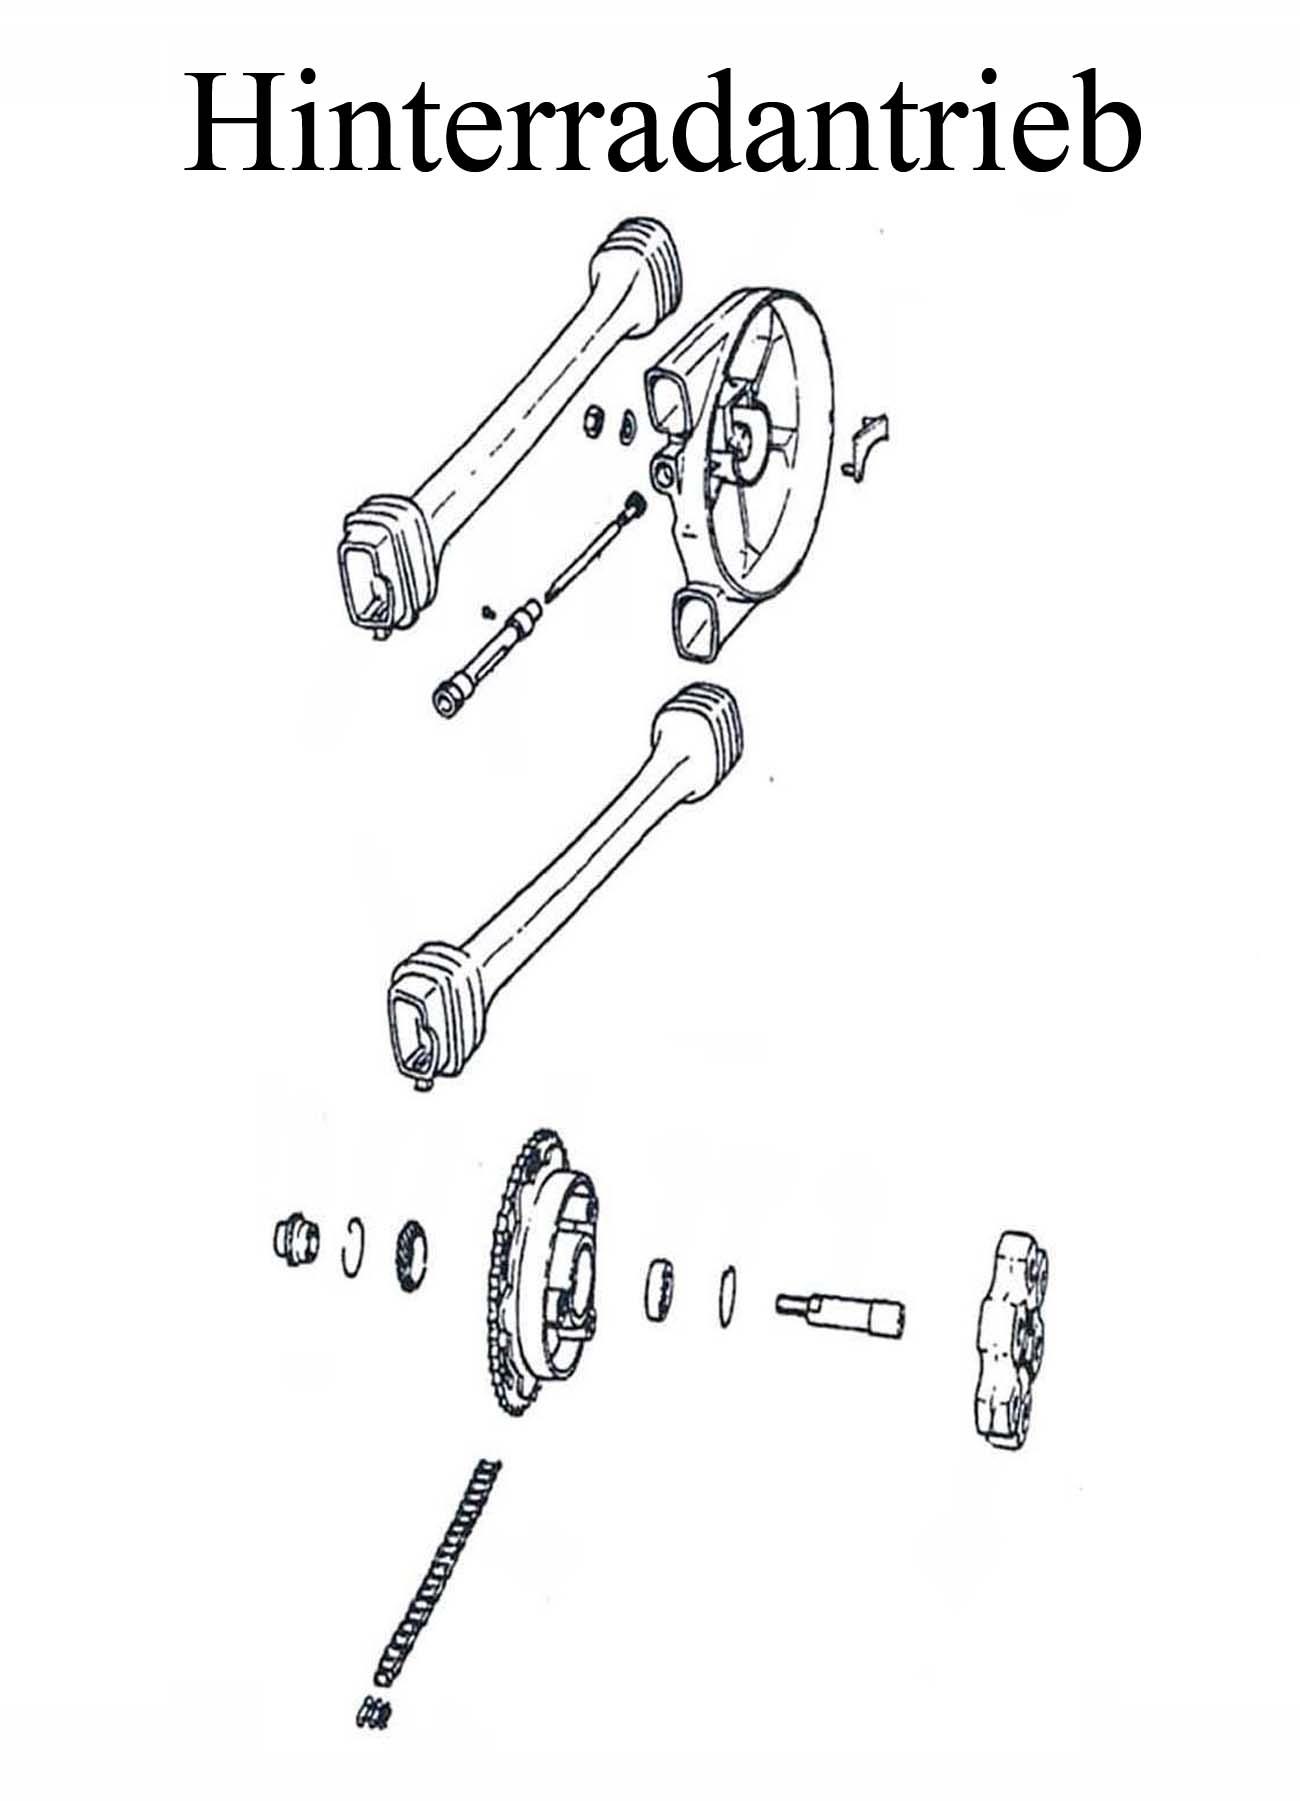 DDR-Motorrad MZ ETZ 125-150 Ersatzteile Hinterradantrieb Kettenschlauch Schläuche Schloß Kasten Mitnehmergummi Zahnkranz Dämpfungskörper